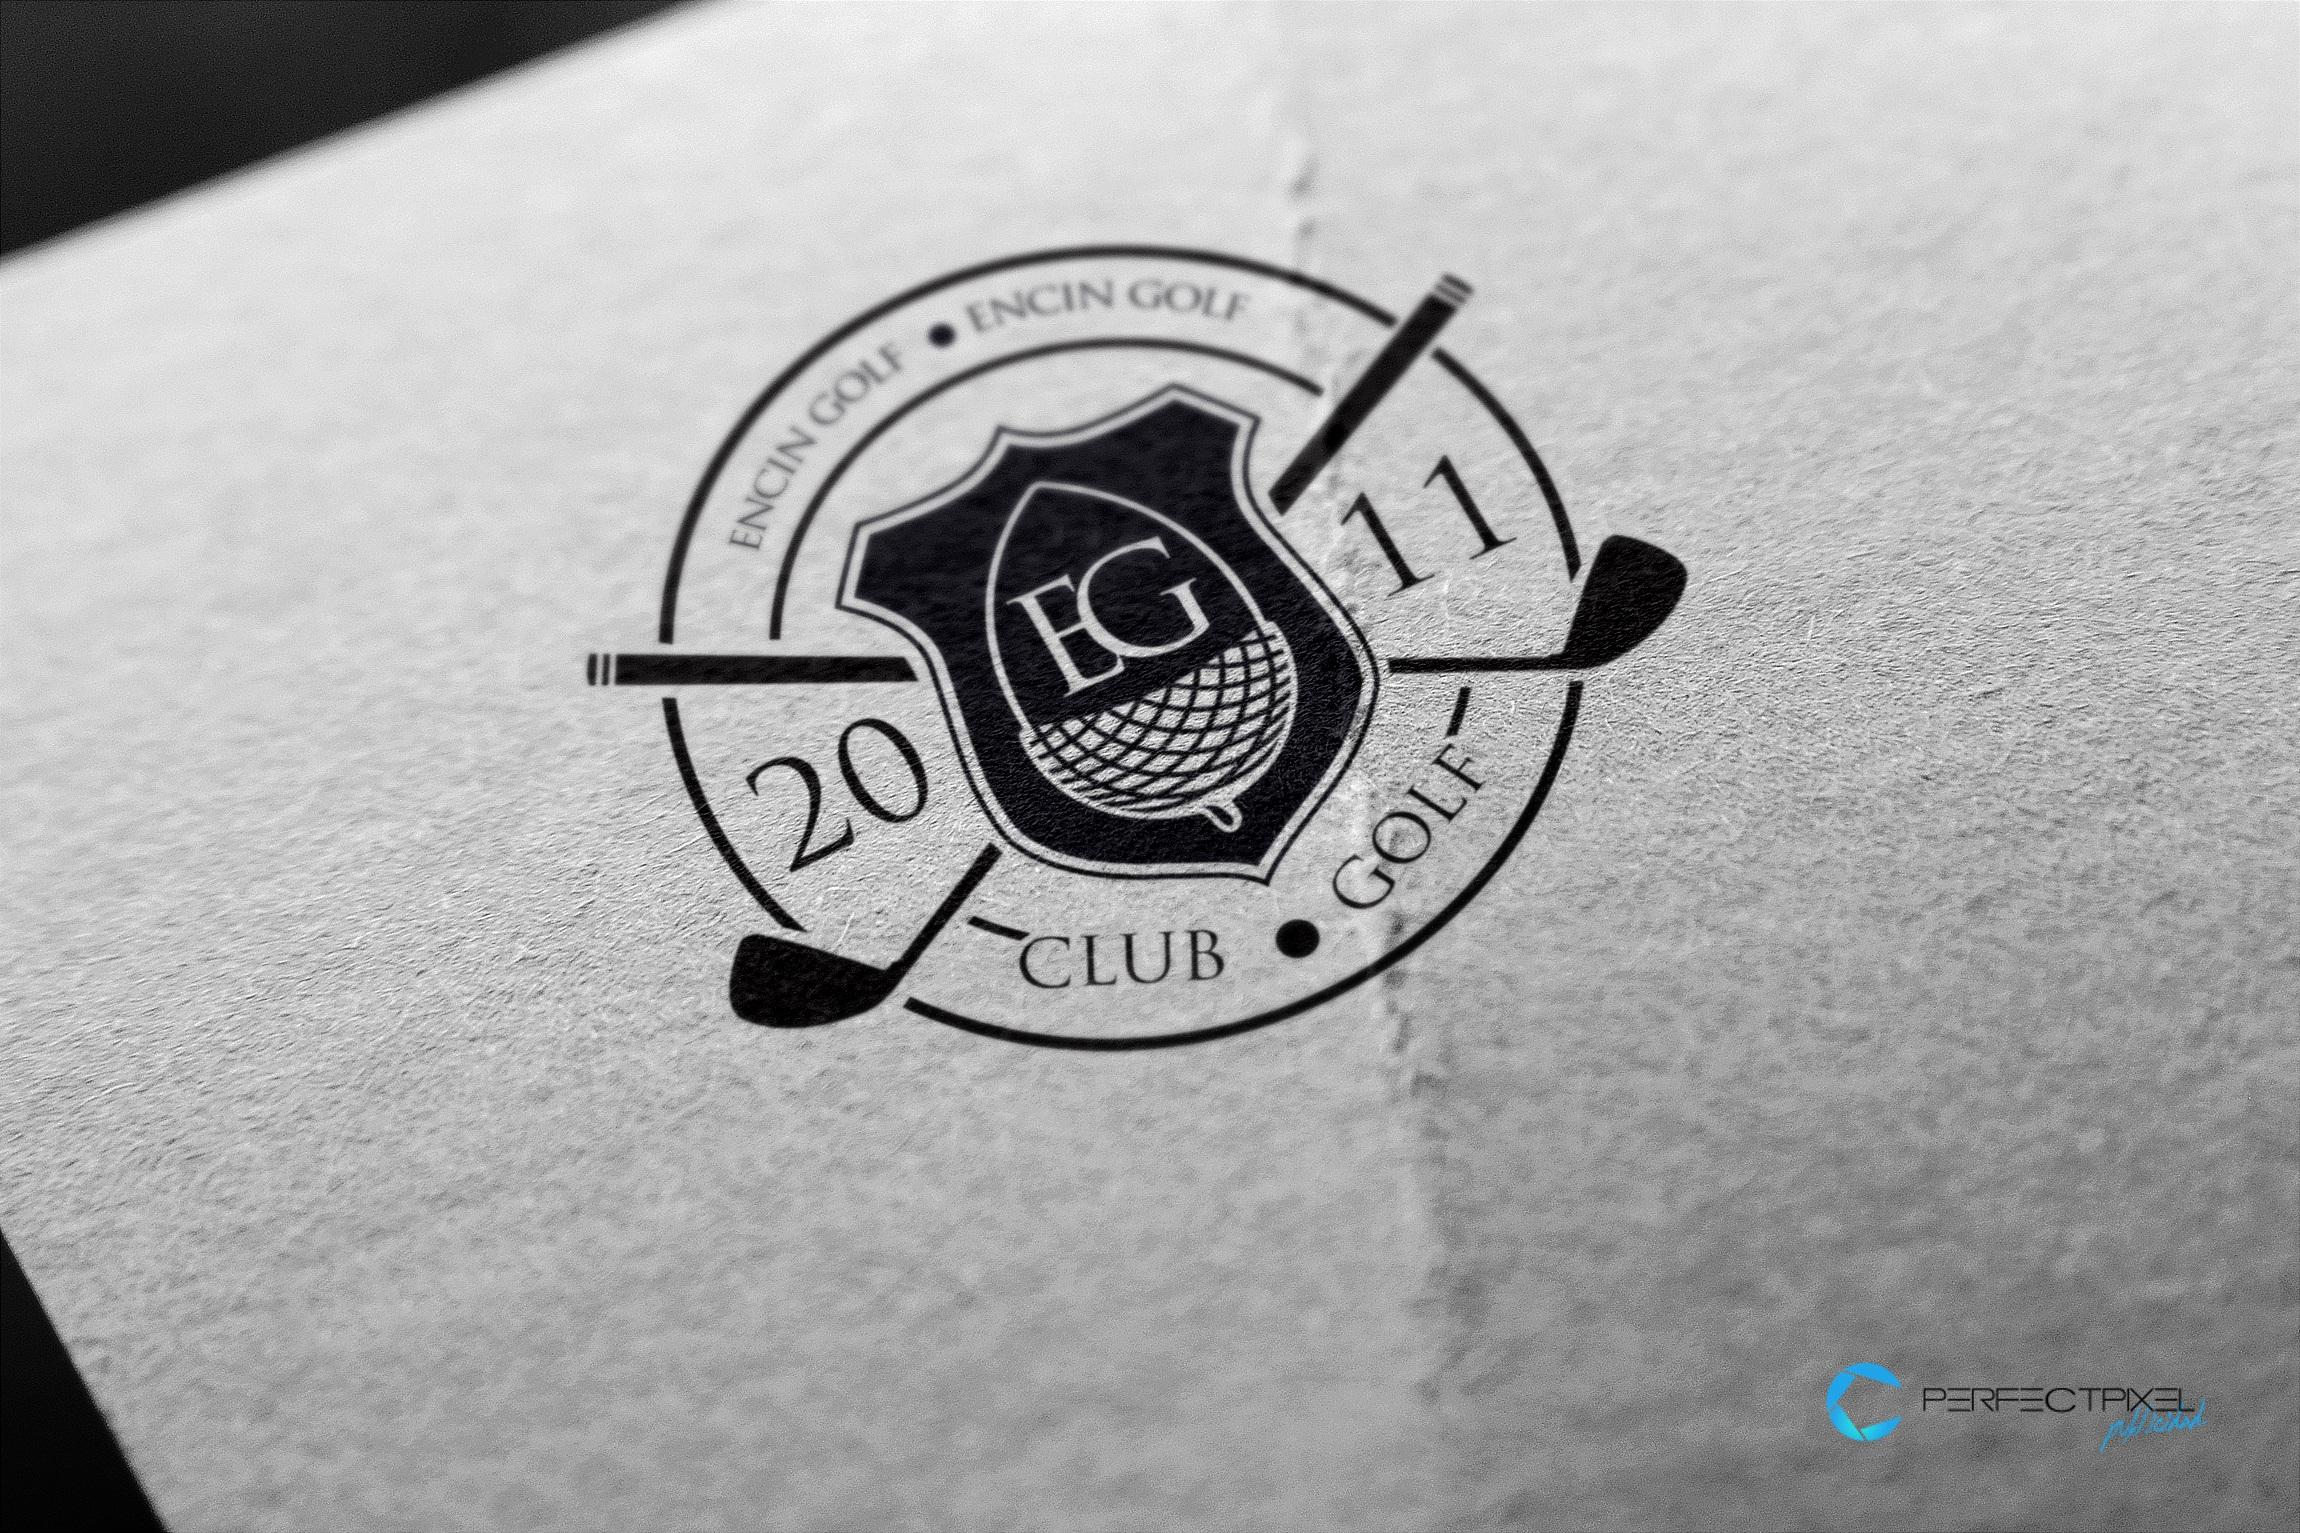 Diseño imagen corporativa club golf - Escuela Encín Golf